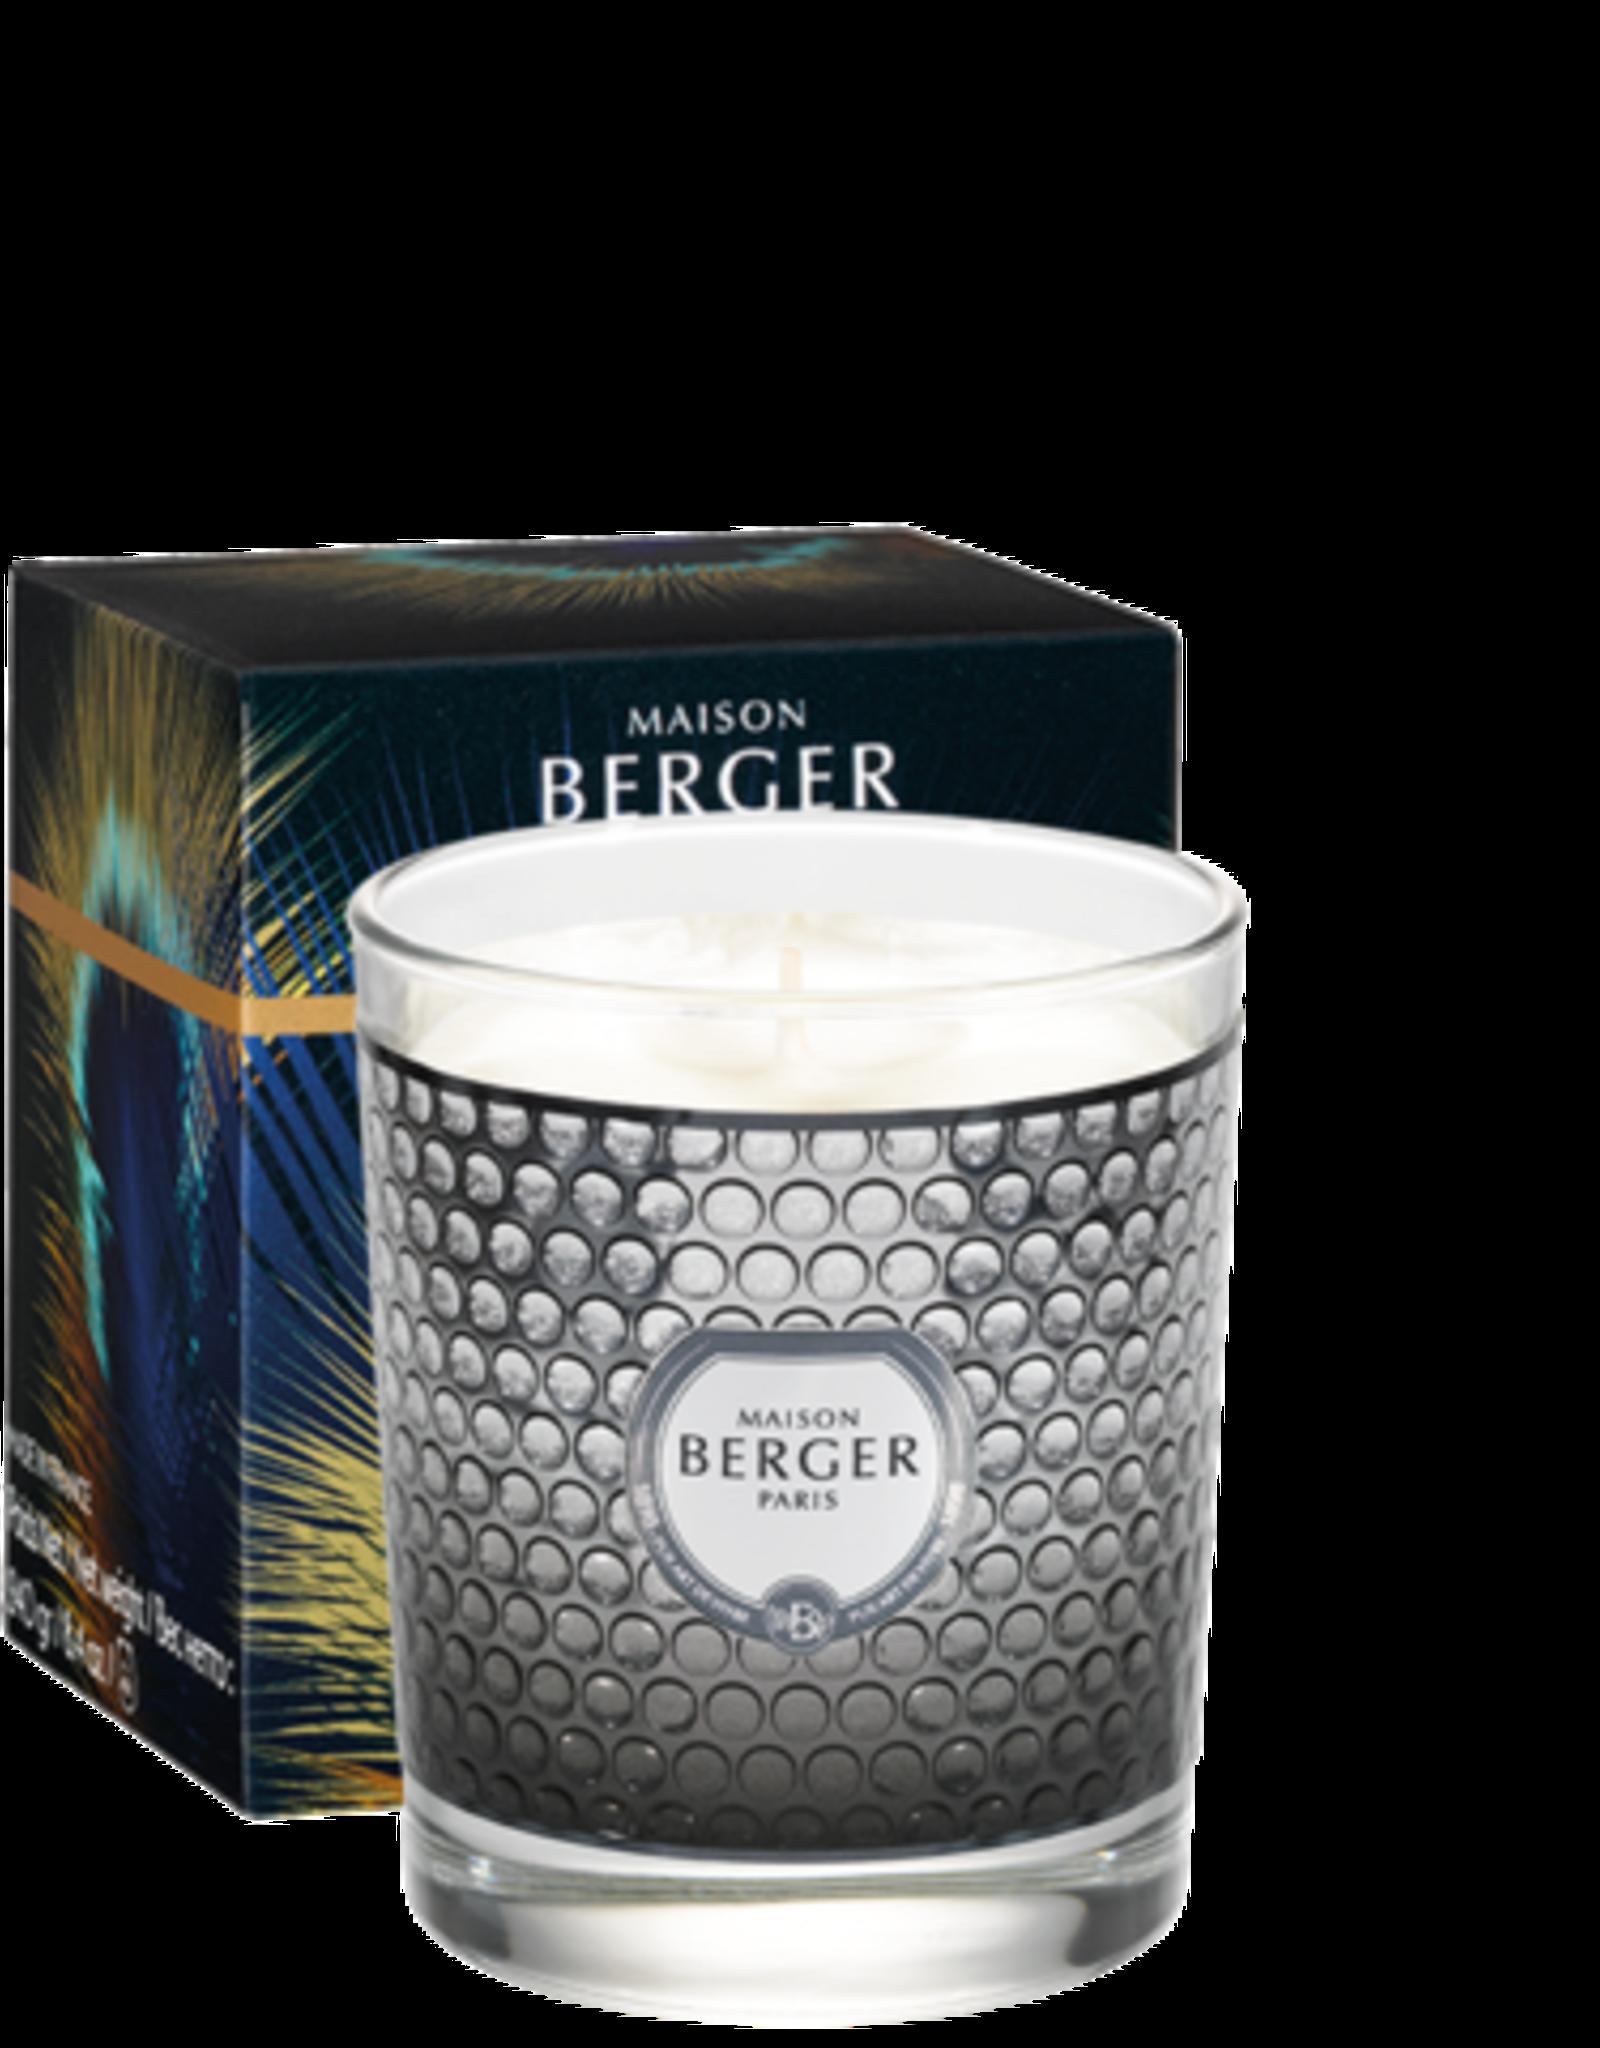 Maison Berger Bougie étincelle - pétillante exquise